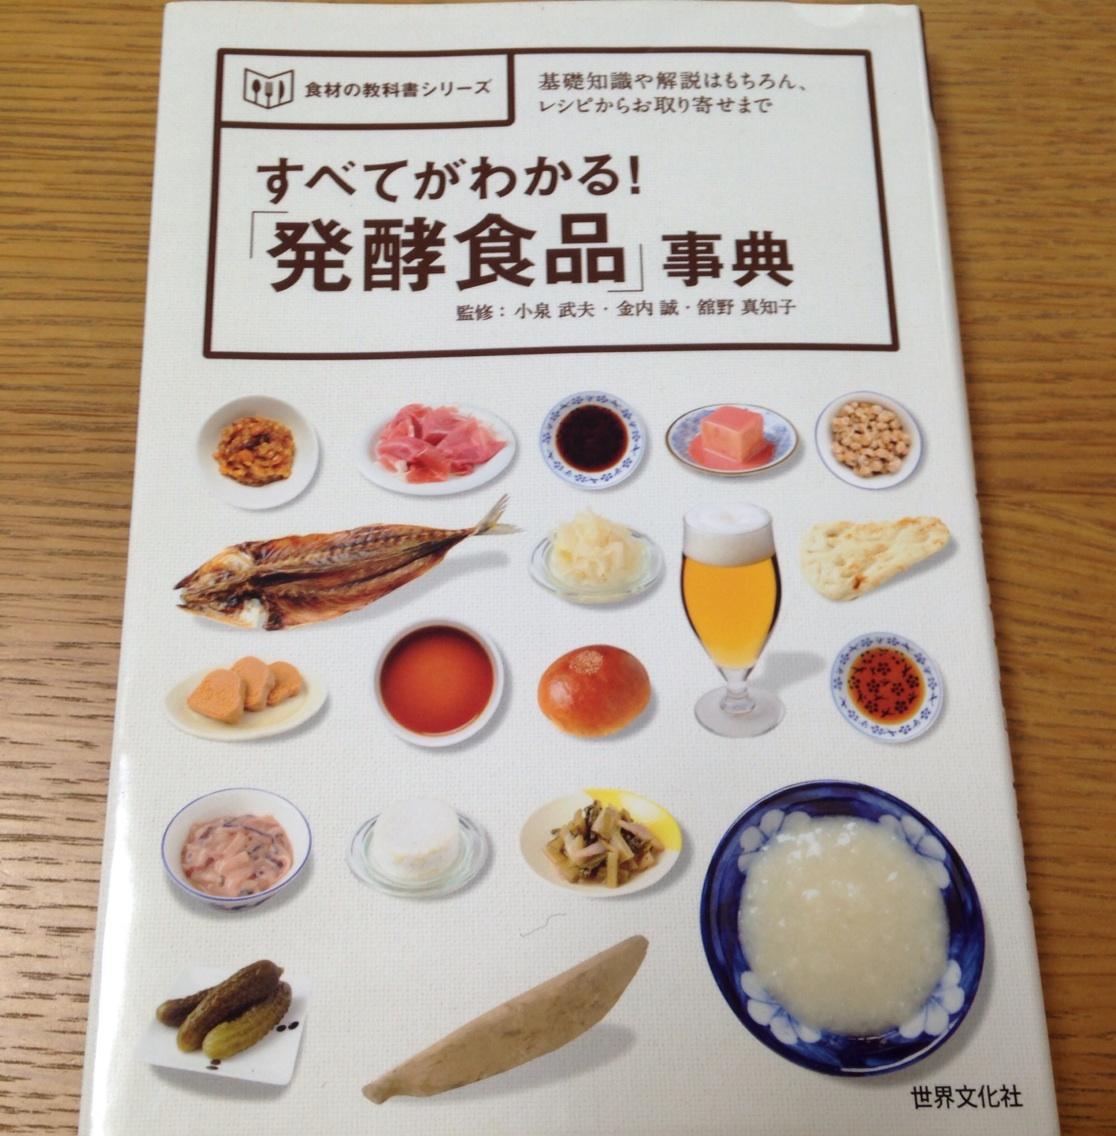 すべてがわかる!発酵食品事典